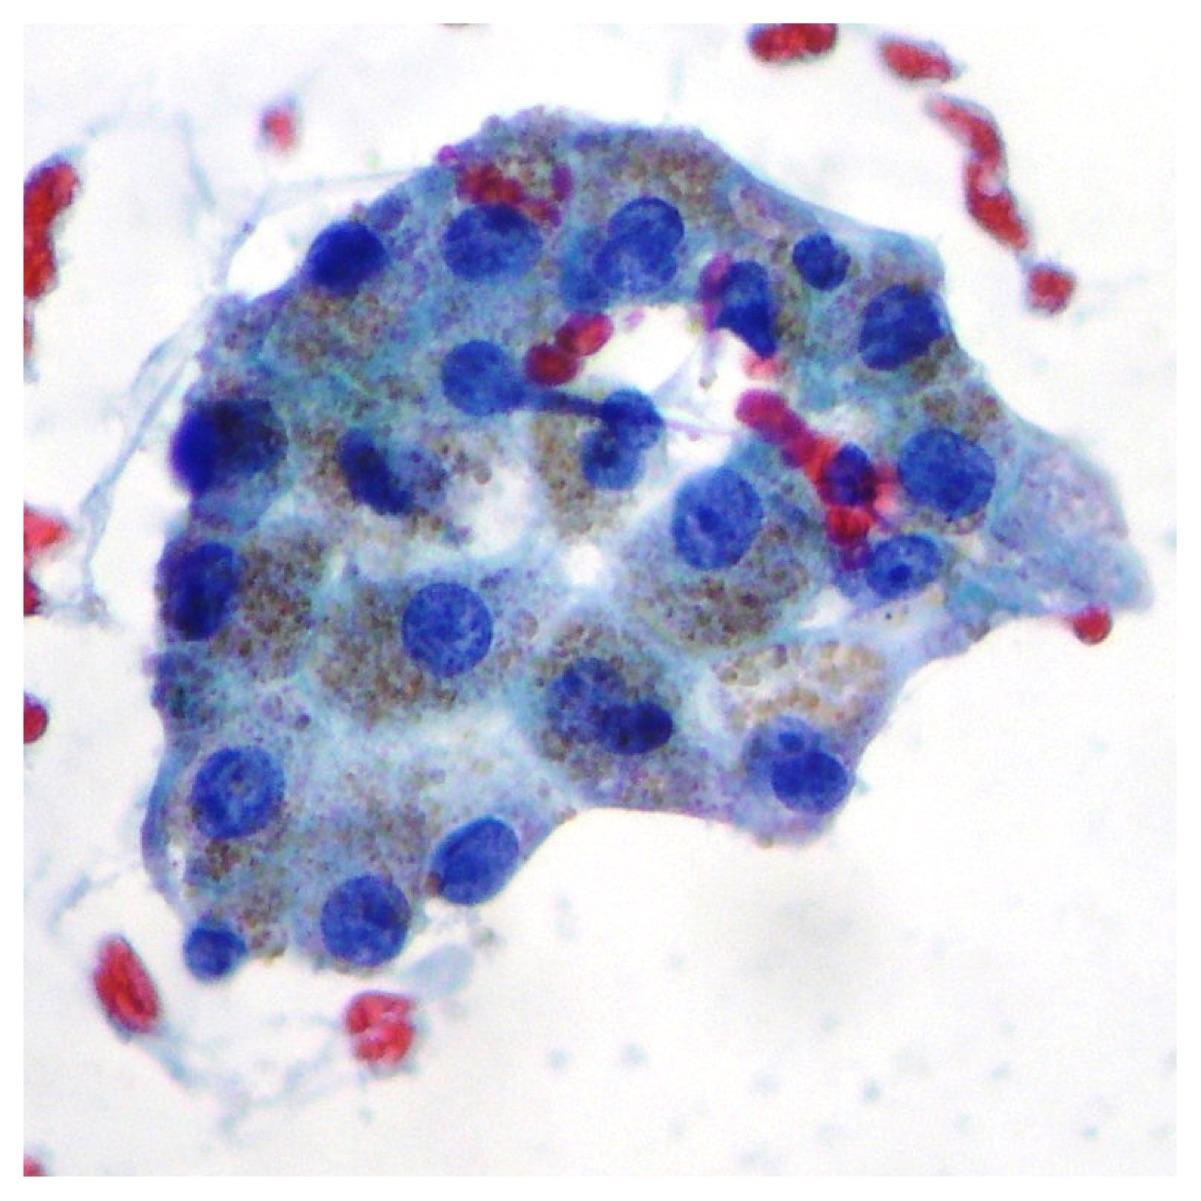 Normal liver cells